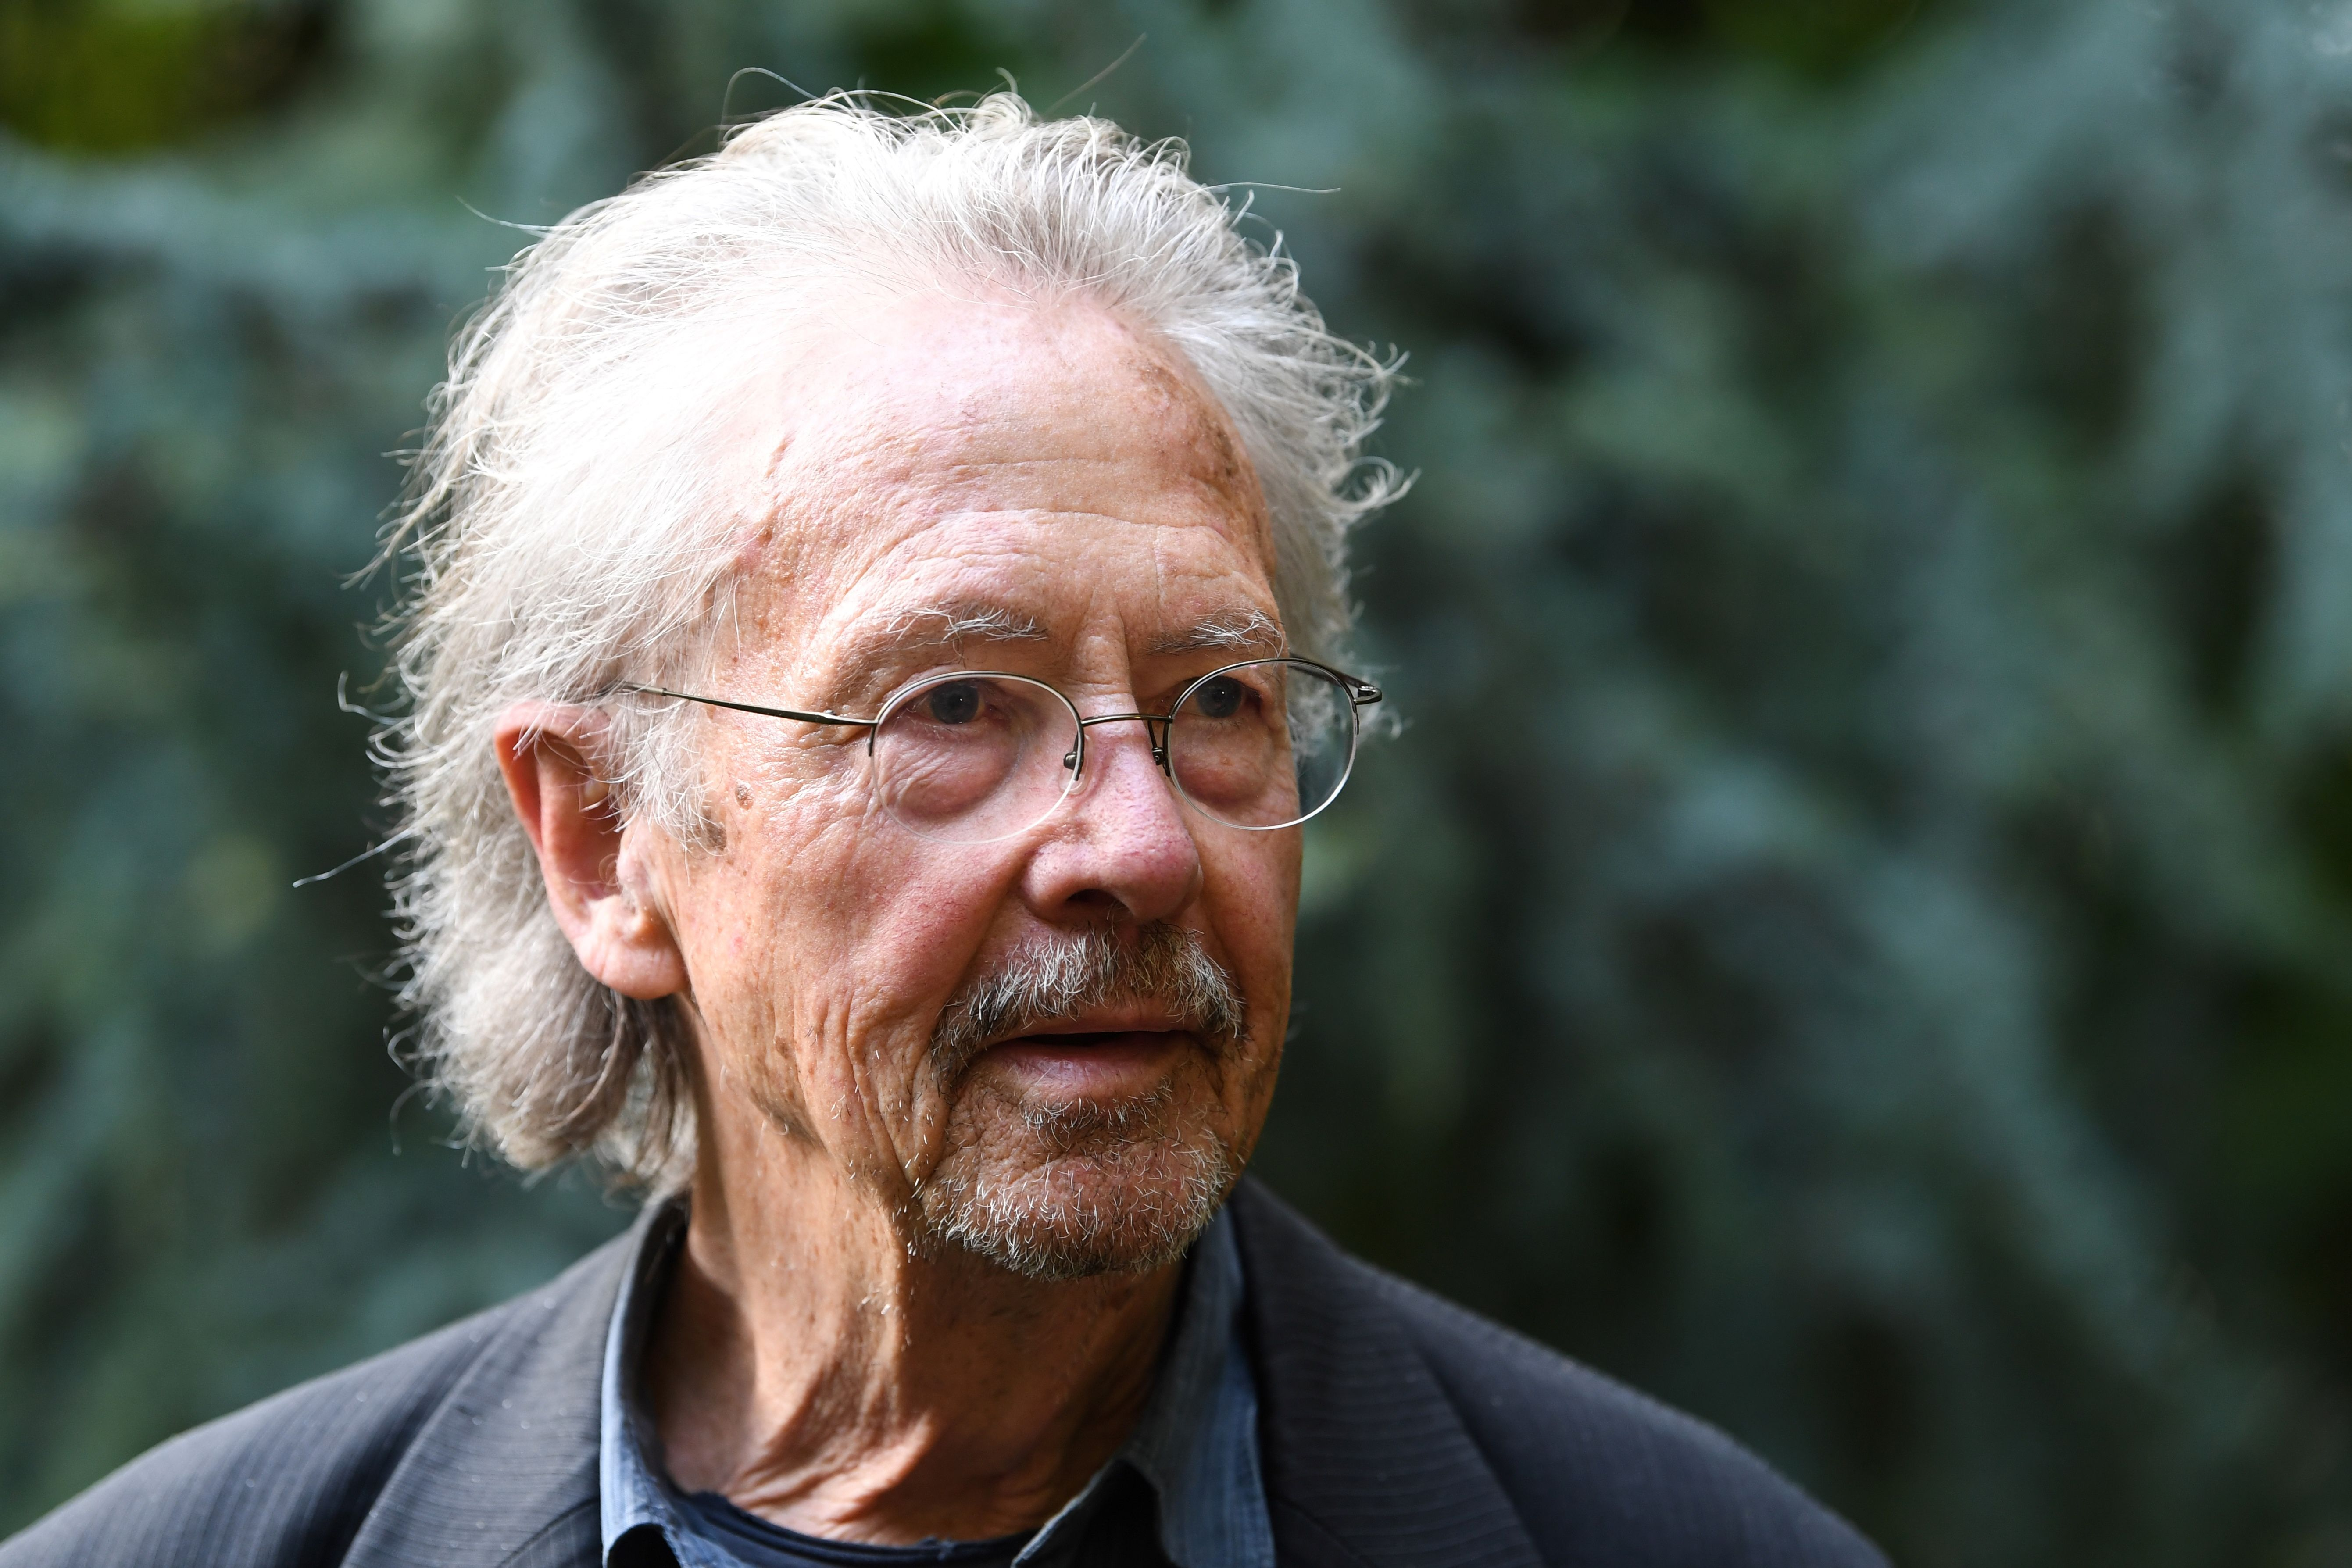 Swedish Academy Defends Selection of Handke